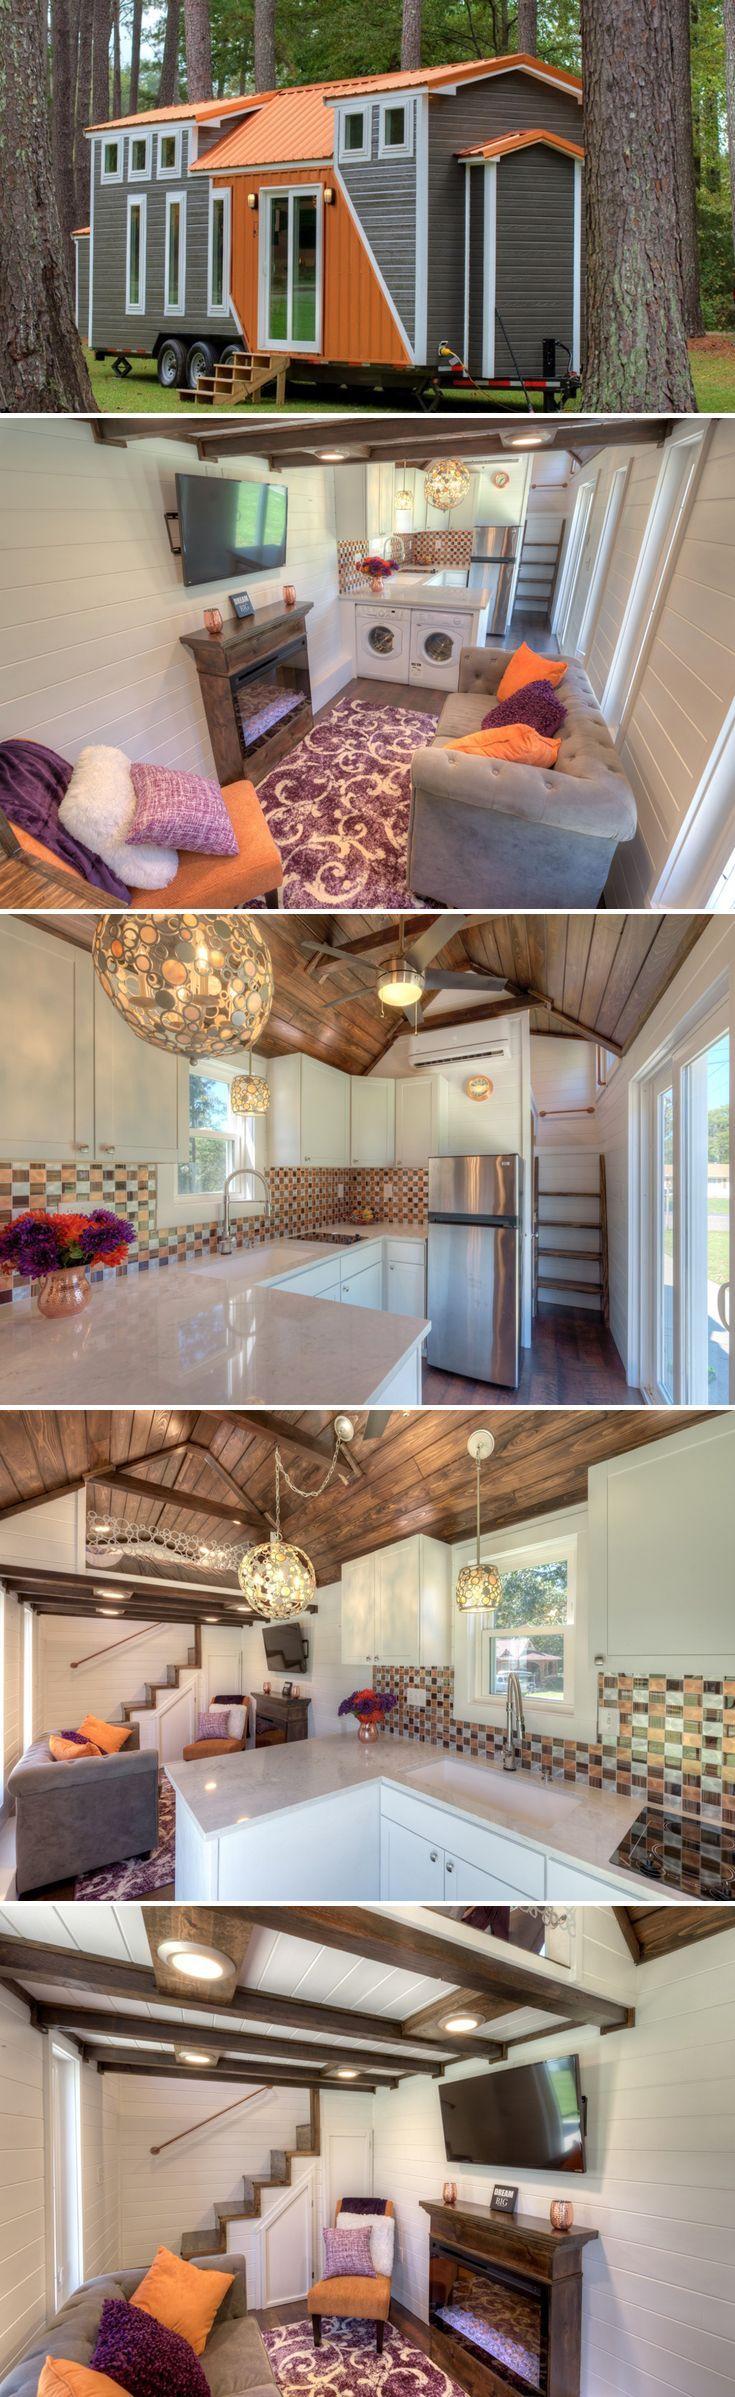 Trinity v2 by Alabama Tiny Homes | Hütten, Mini-häuser und Wohnideen